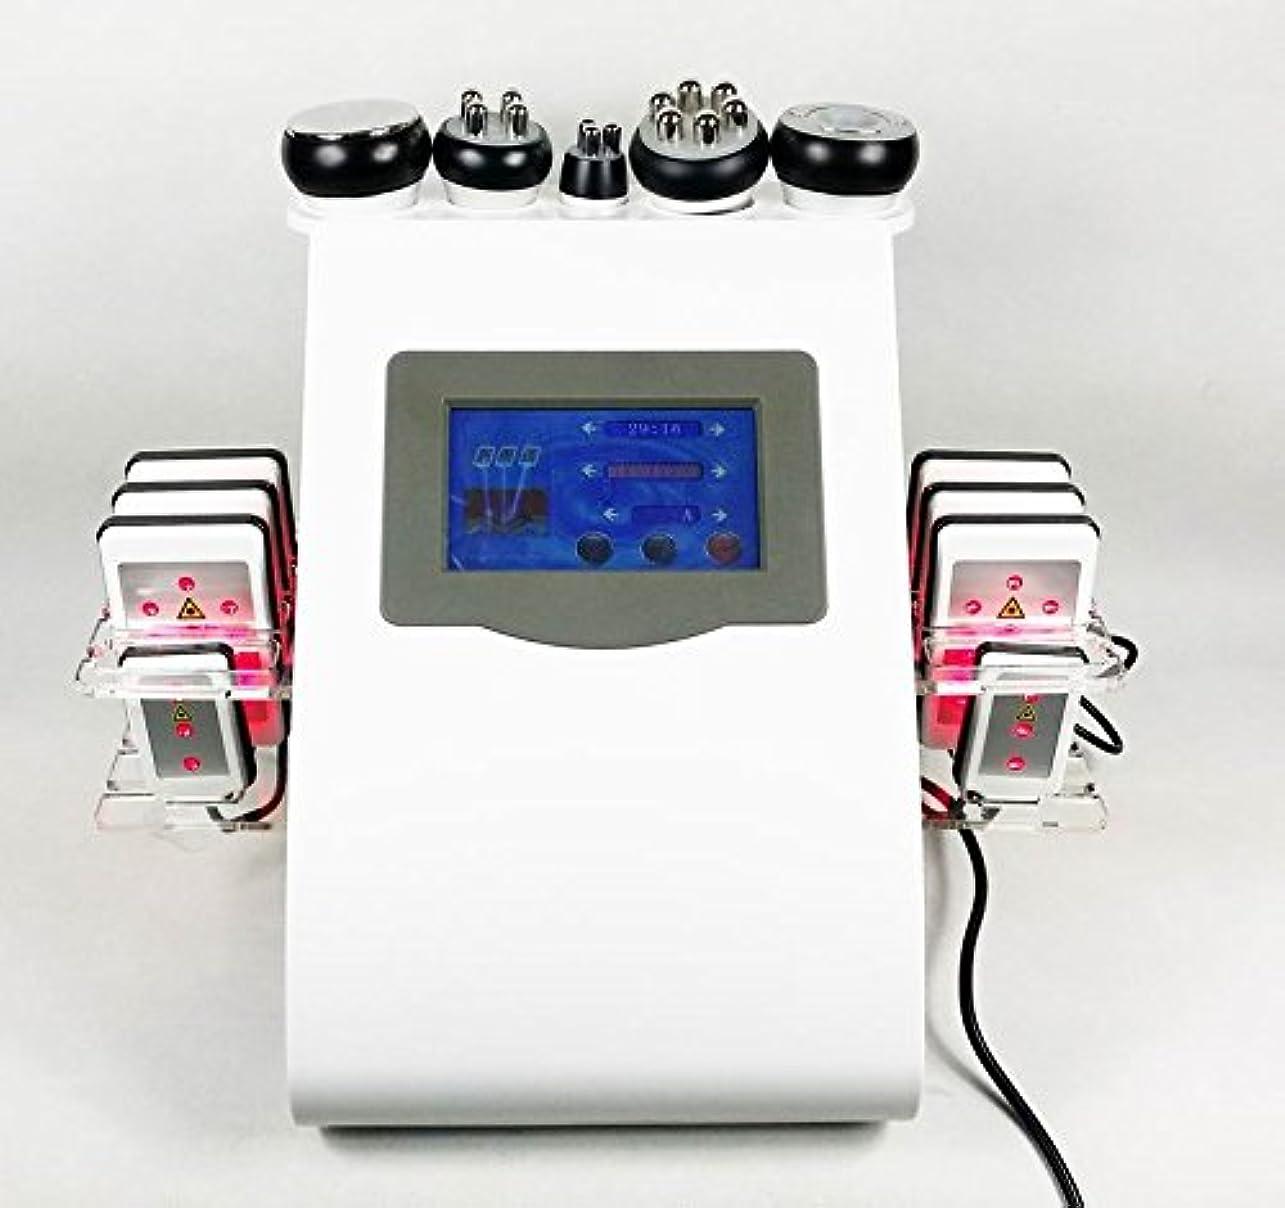 中止します呼吸する期限シルクナイフリポ 業務用複合機40KHZキャビテーション+ラジオ波+リポレーザー